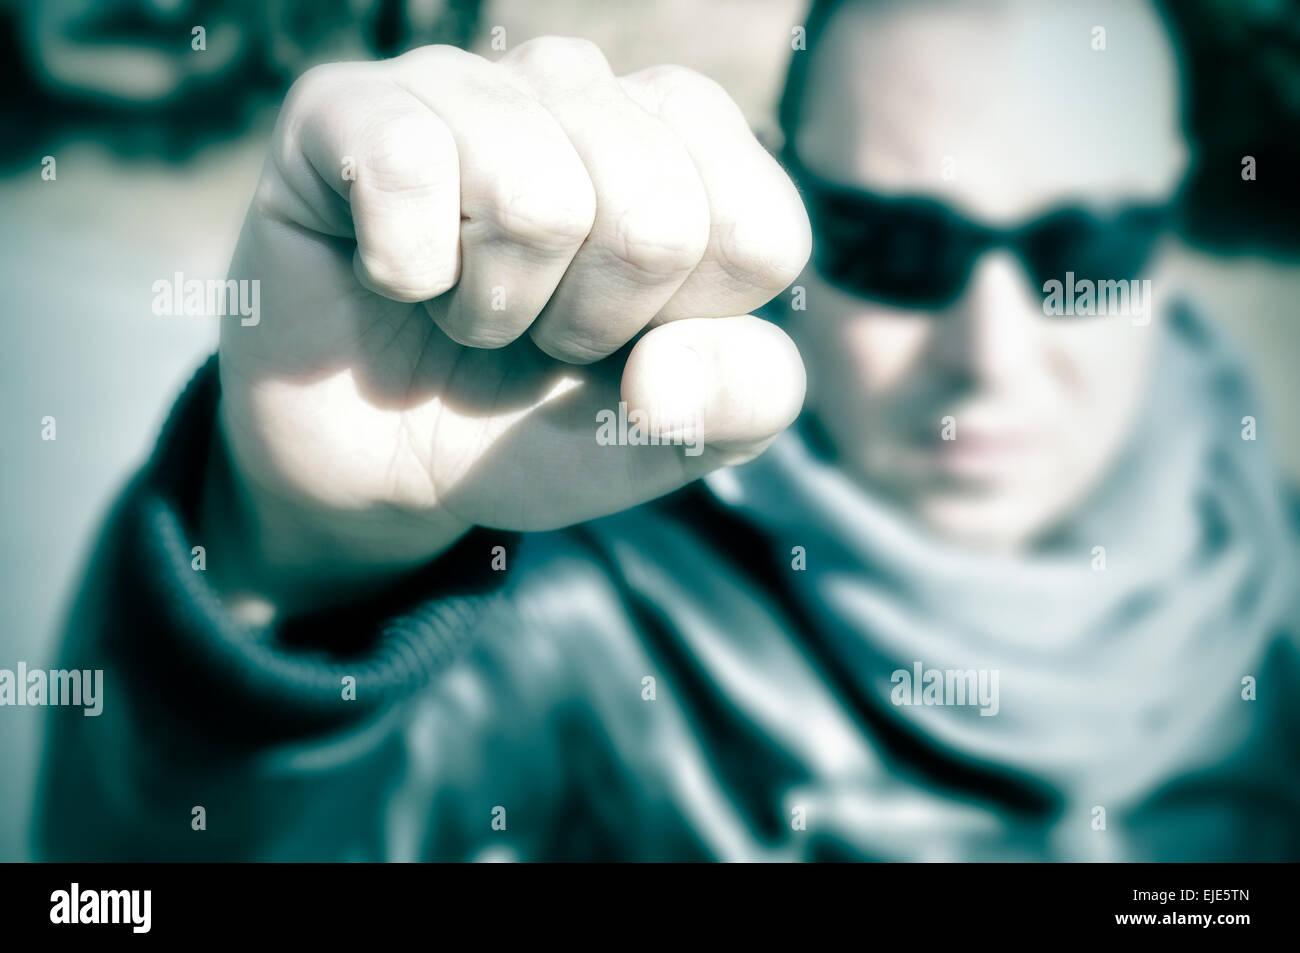 Primer plano de un joven en una protesta levantando su puño y con su rostro desdibujado, con un efecto de filtro Imagen De Stock